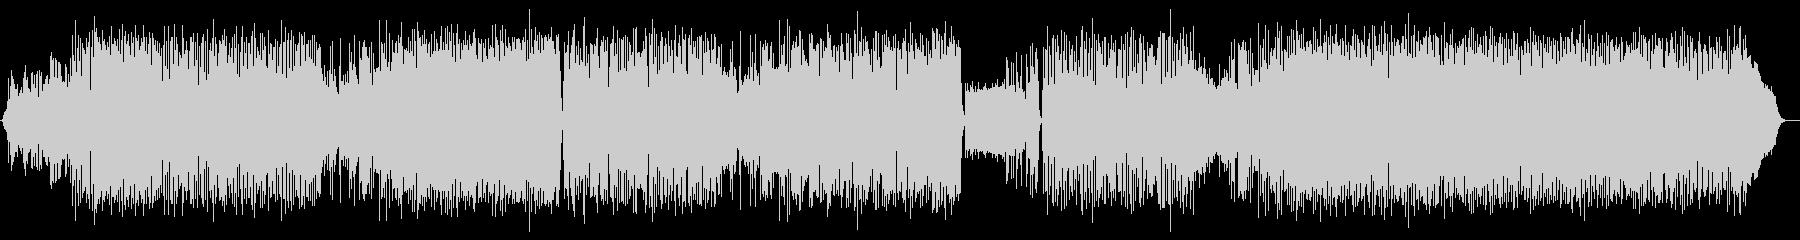 カフェミュージック:アコーディオンジャズの未再生の波形